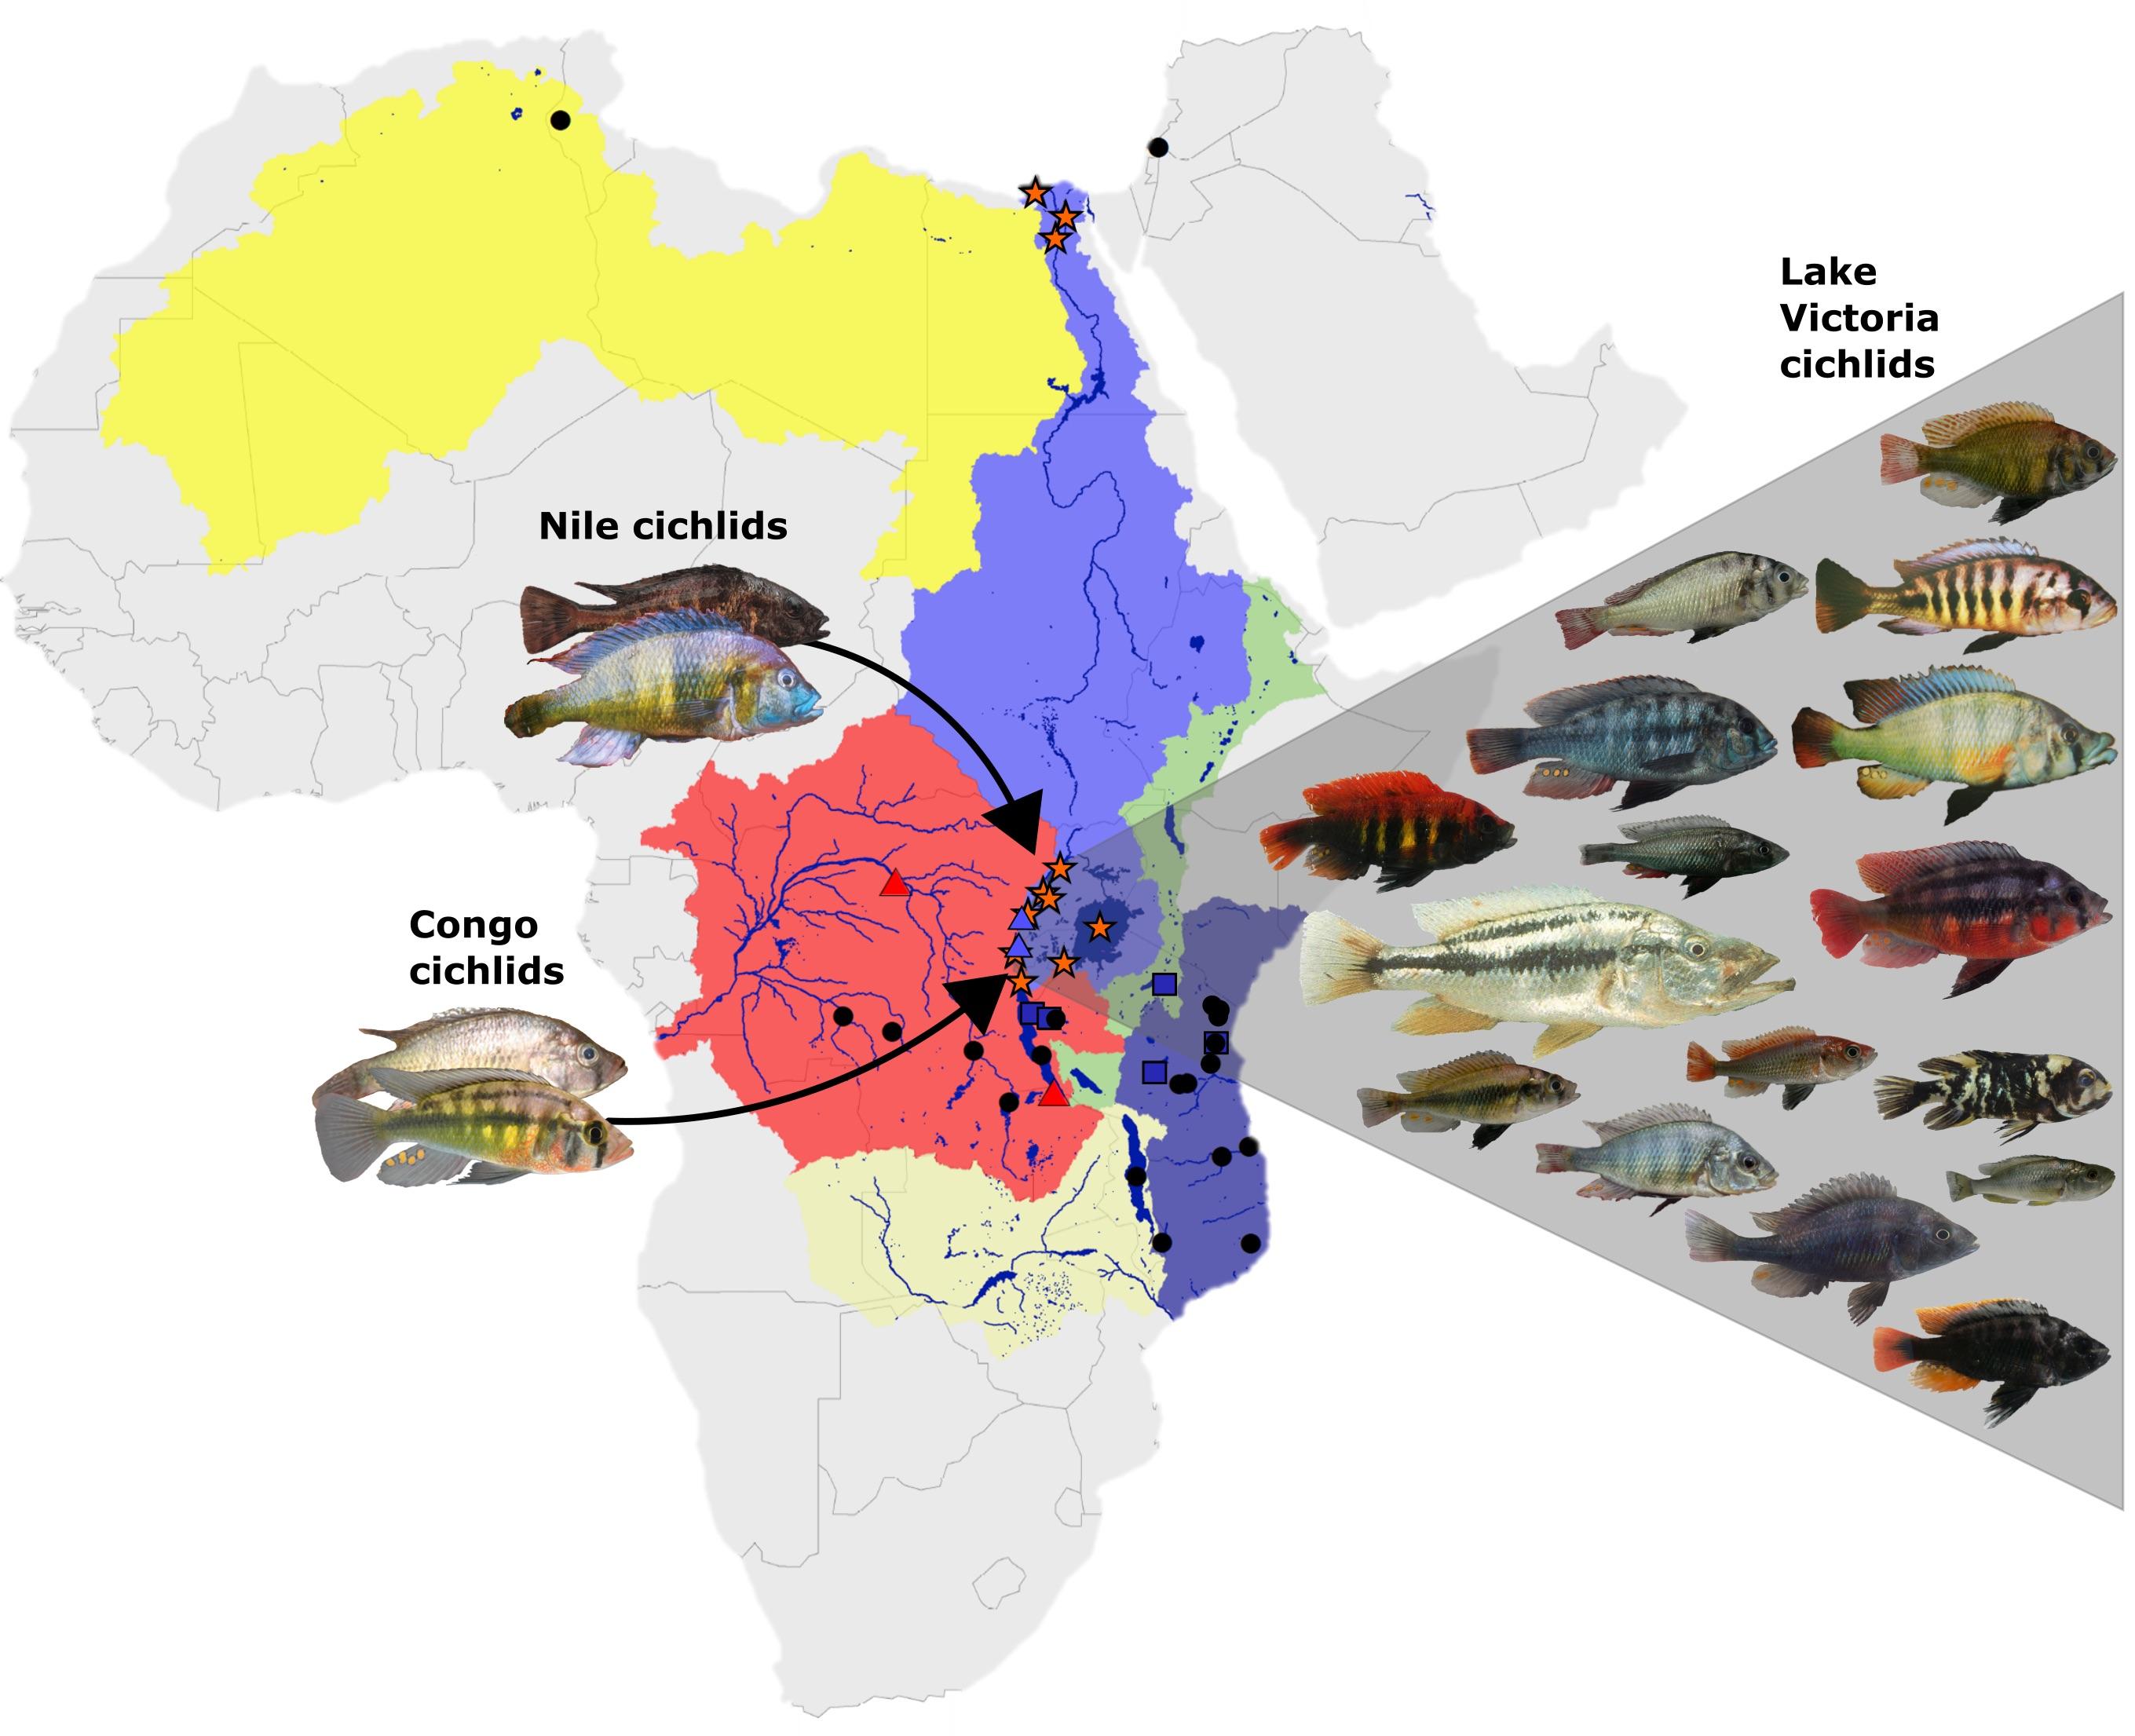 Die Flusssysteme rund um den Viktoriasee und die beiden ursprünglichen Vorfahren aus dem Nil- und dem Kongo-Einzugsgebiet sowie ein Teil der rund 700 aus ihnen hervorgegangenen Arten, 500 davon allein im Viktoriasee. Grafik: Eawag.